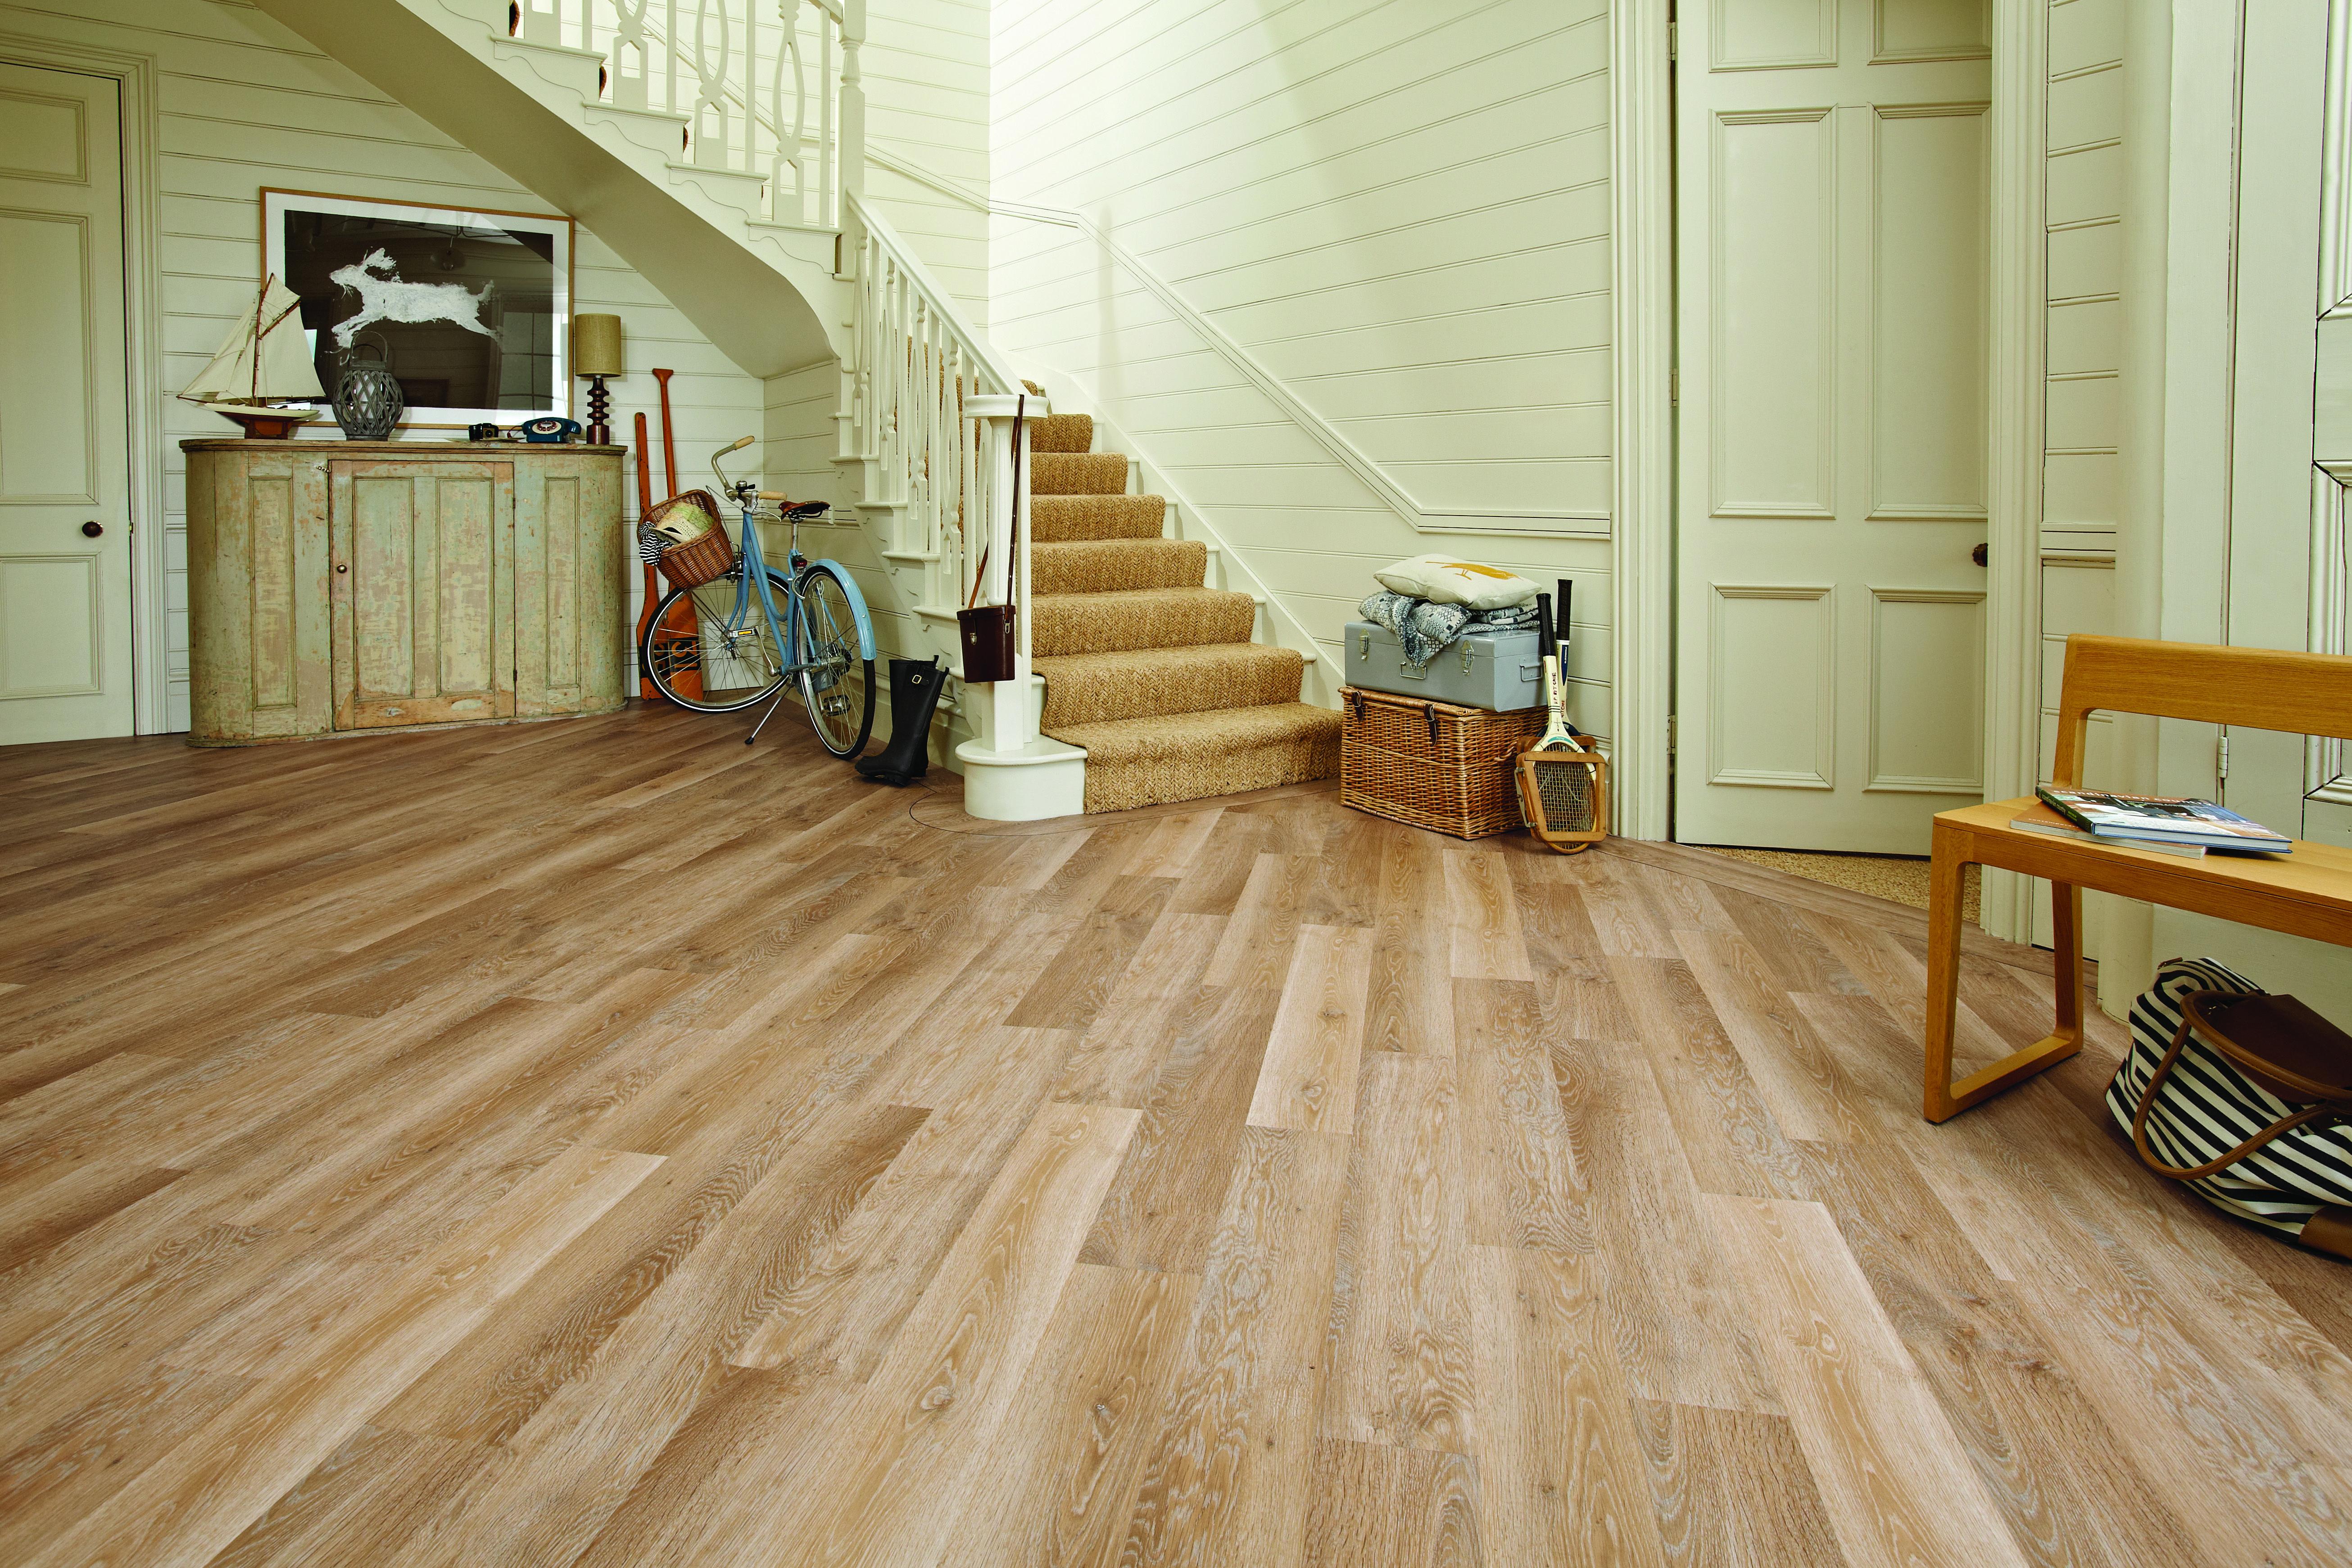 Karndean Knight Tile Range Kp94 Pale Limed Oak Karndean Flooring Karndean Knight Tile Vinyl Flooring